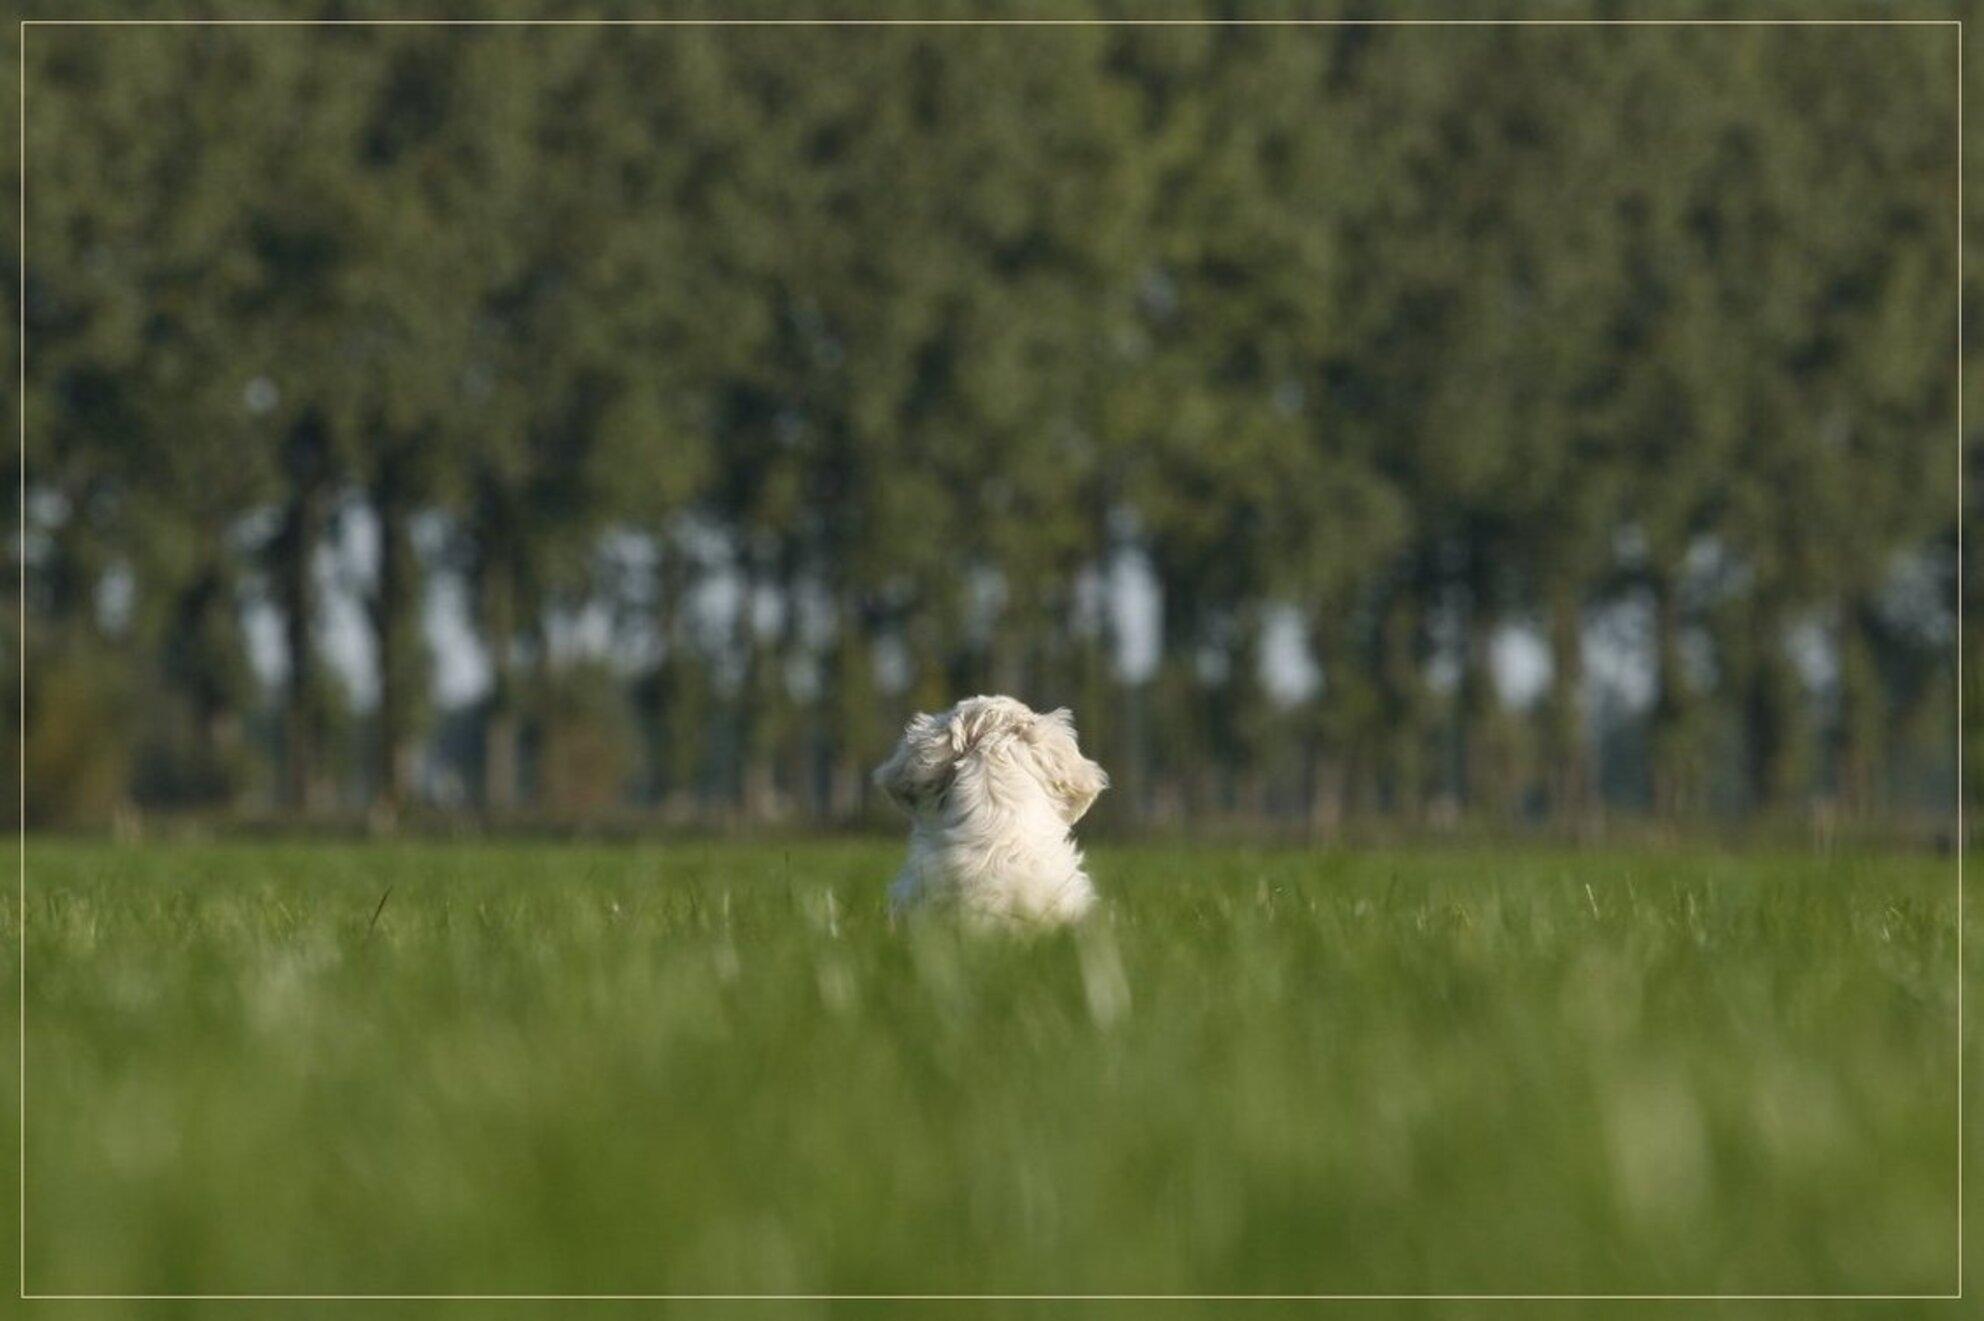 de wijde wereld - Hoi allemaal  Hier zit Bogyi de wijde wereld in te kijken tijdens zijn eerste uitstapje. Wisten we maar wat er in zo'n bolletje om ging op zo'n mo - foto door Evert61 op 30-11-2009 - deze foto bevat: natuur, dieren, hond, honden, golden, retriever, pup, puppie, goldenretriever - Deze foto mag gebruikt worden in een Zoom.nl publicatie